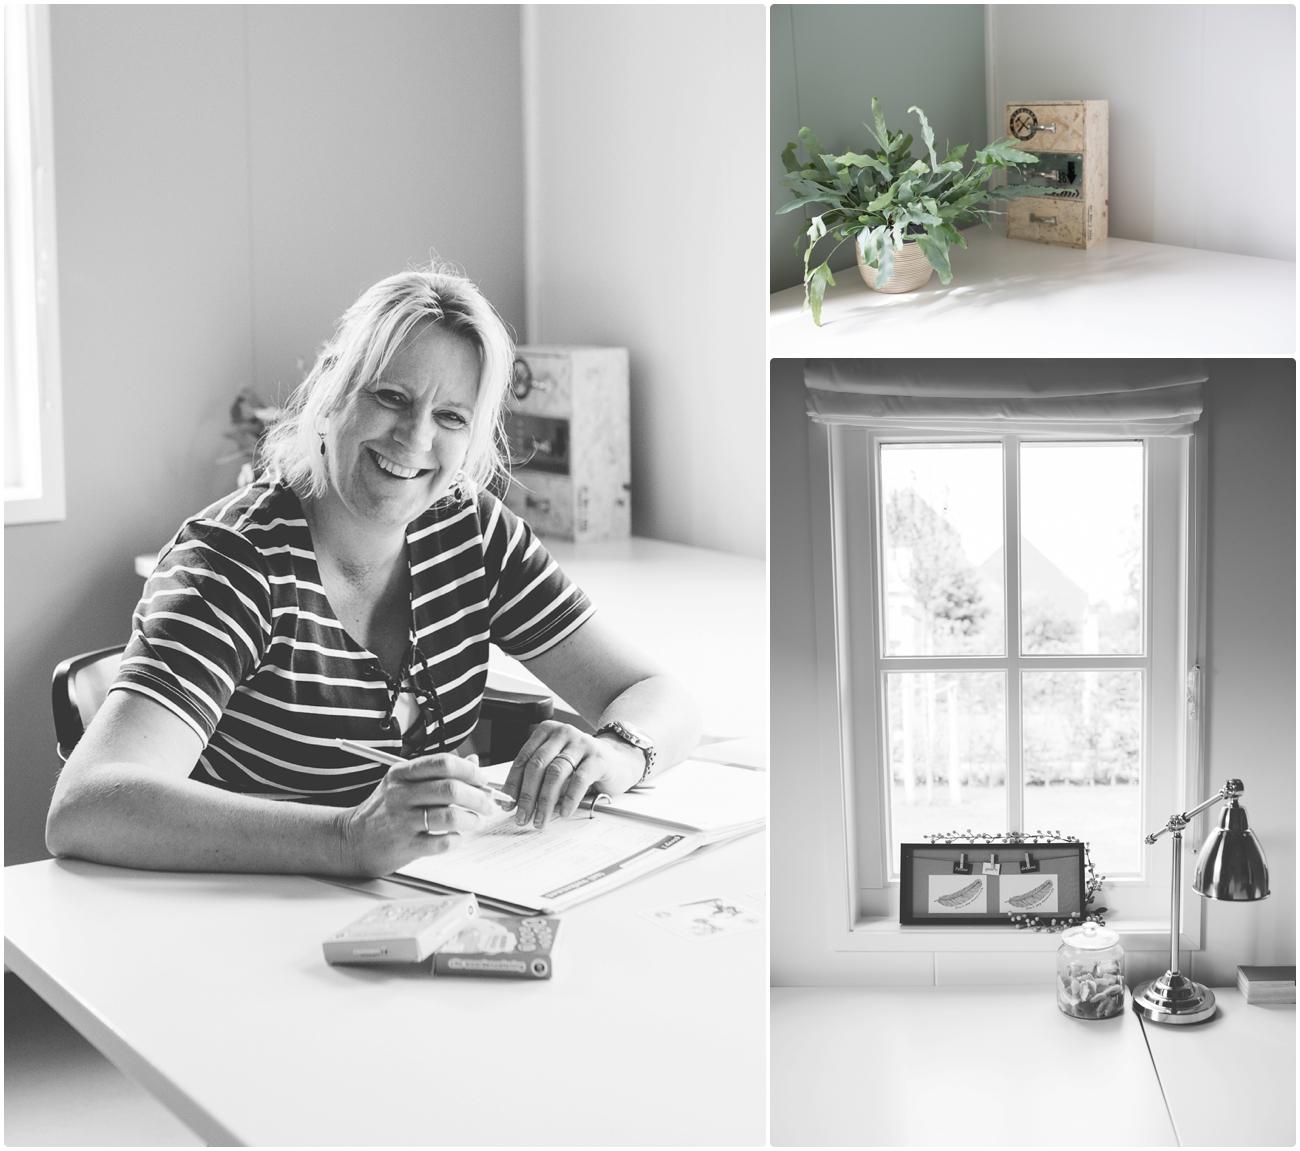 zakelijk portret voor beeldbank in Amersfoort: laura elkhuizen fotografie